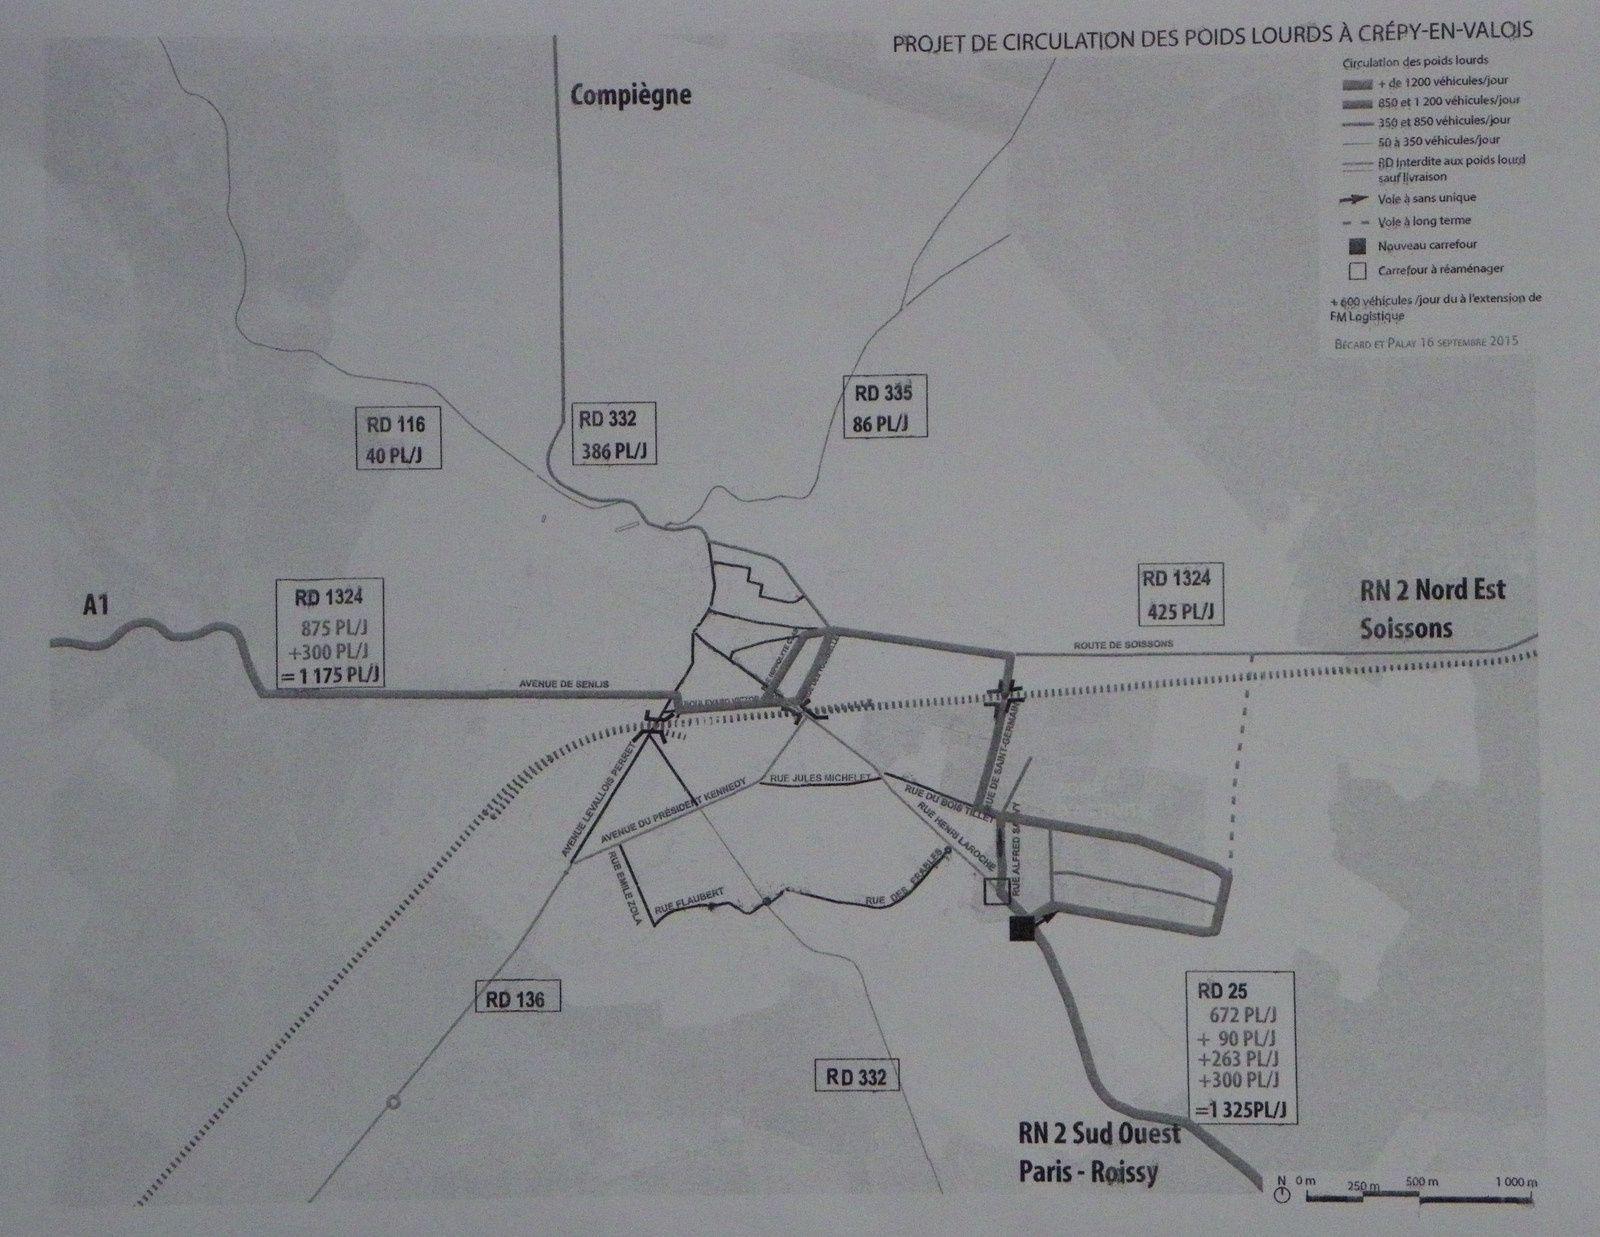 Le projet de la mairie de Crépy en Valois pour la circulation des poids lourds